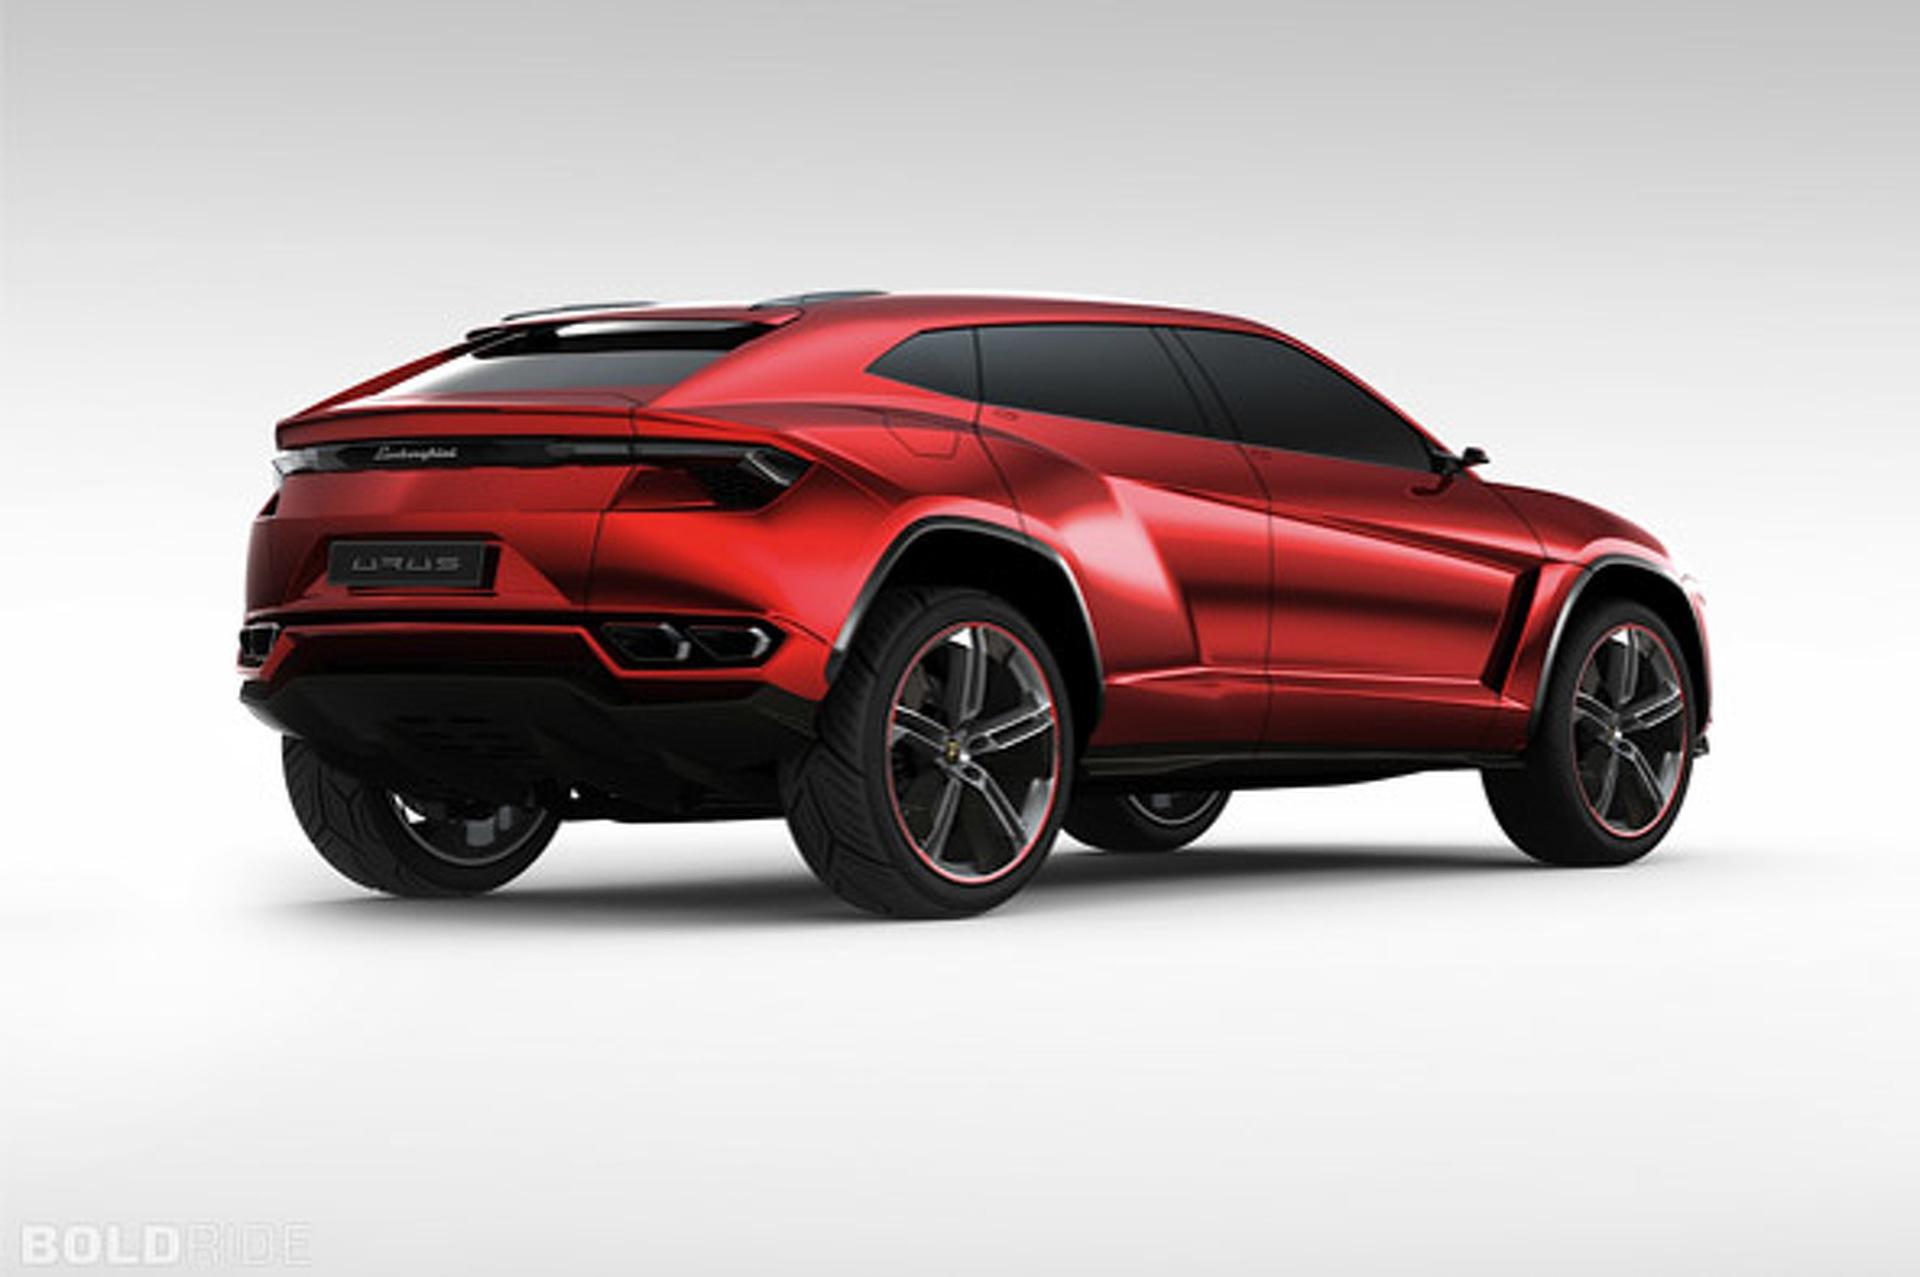 Unveiled Lamborghini Urus SUV Concept